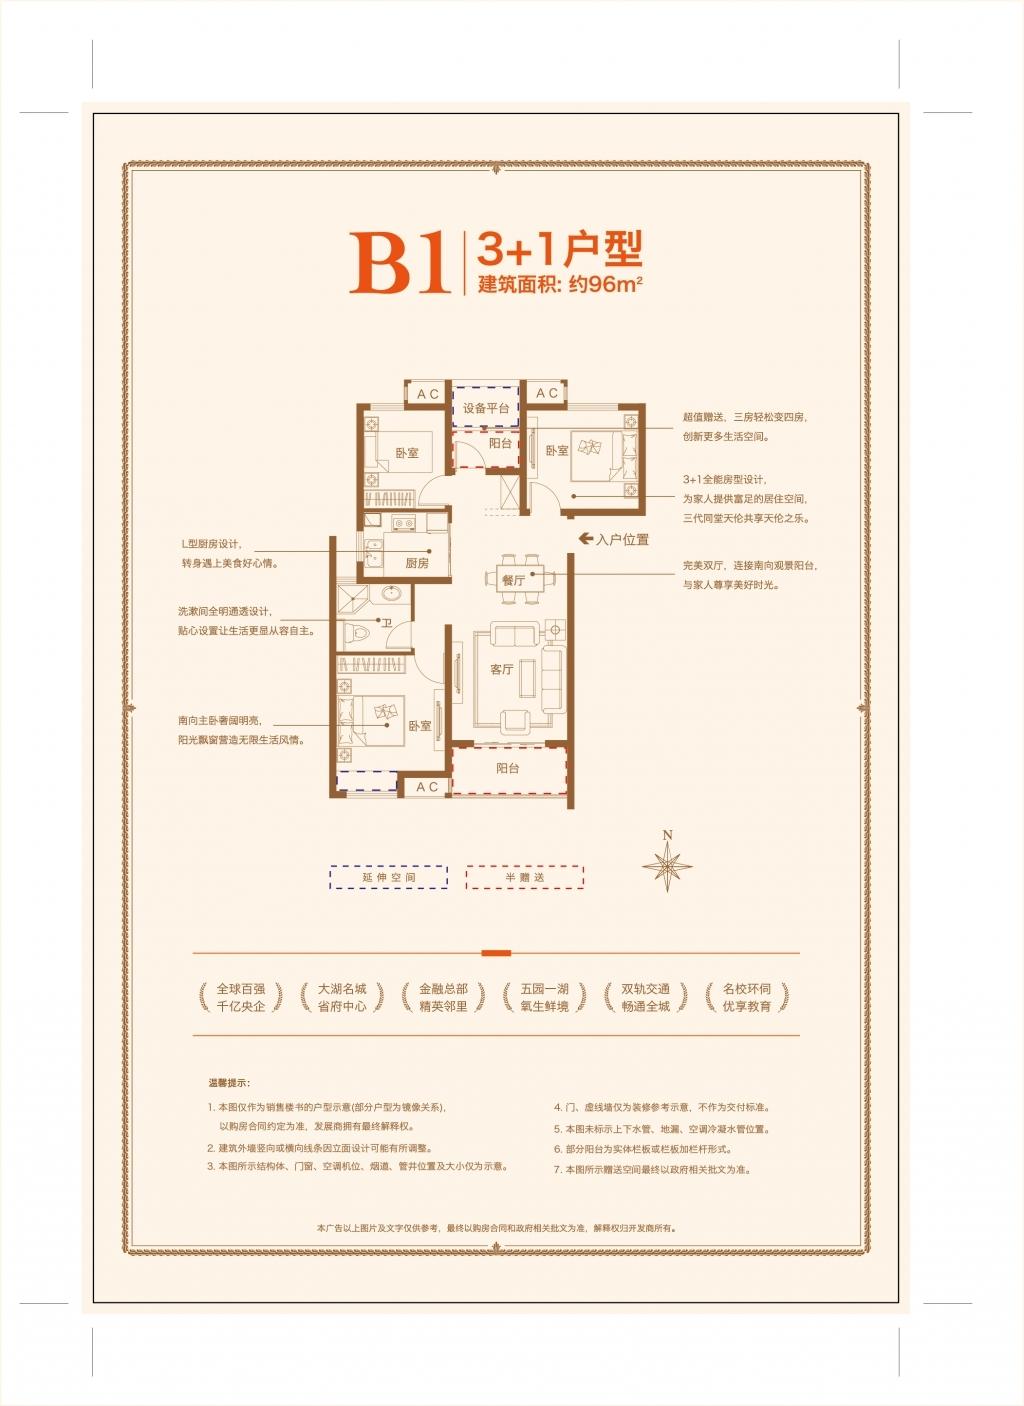 中海滨湖公馆高层B1